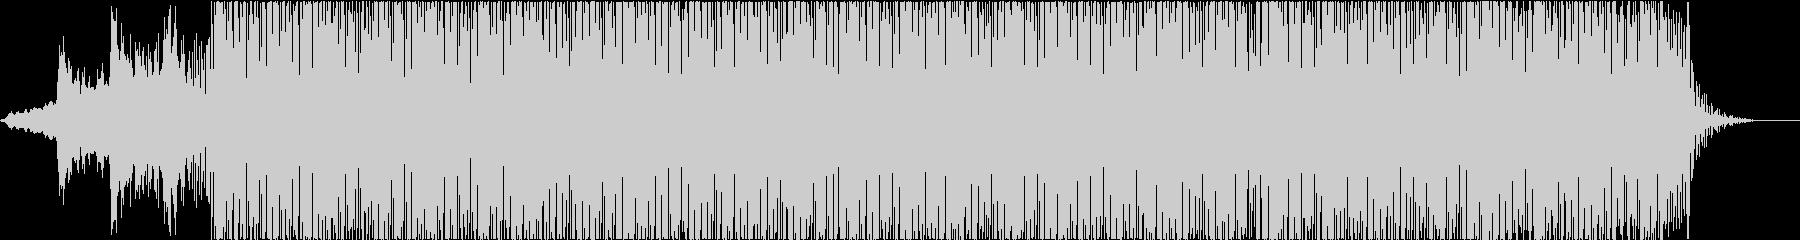 ミステリアスで美しいエレクトロニカ/チルの未再生の波形